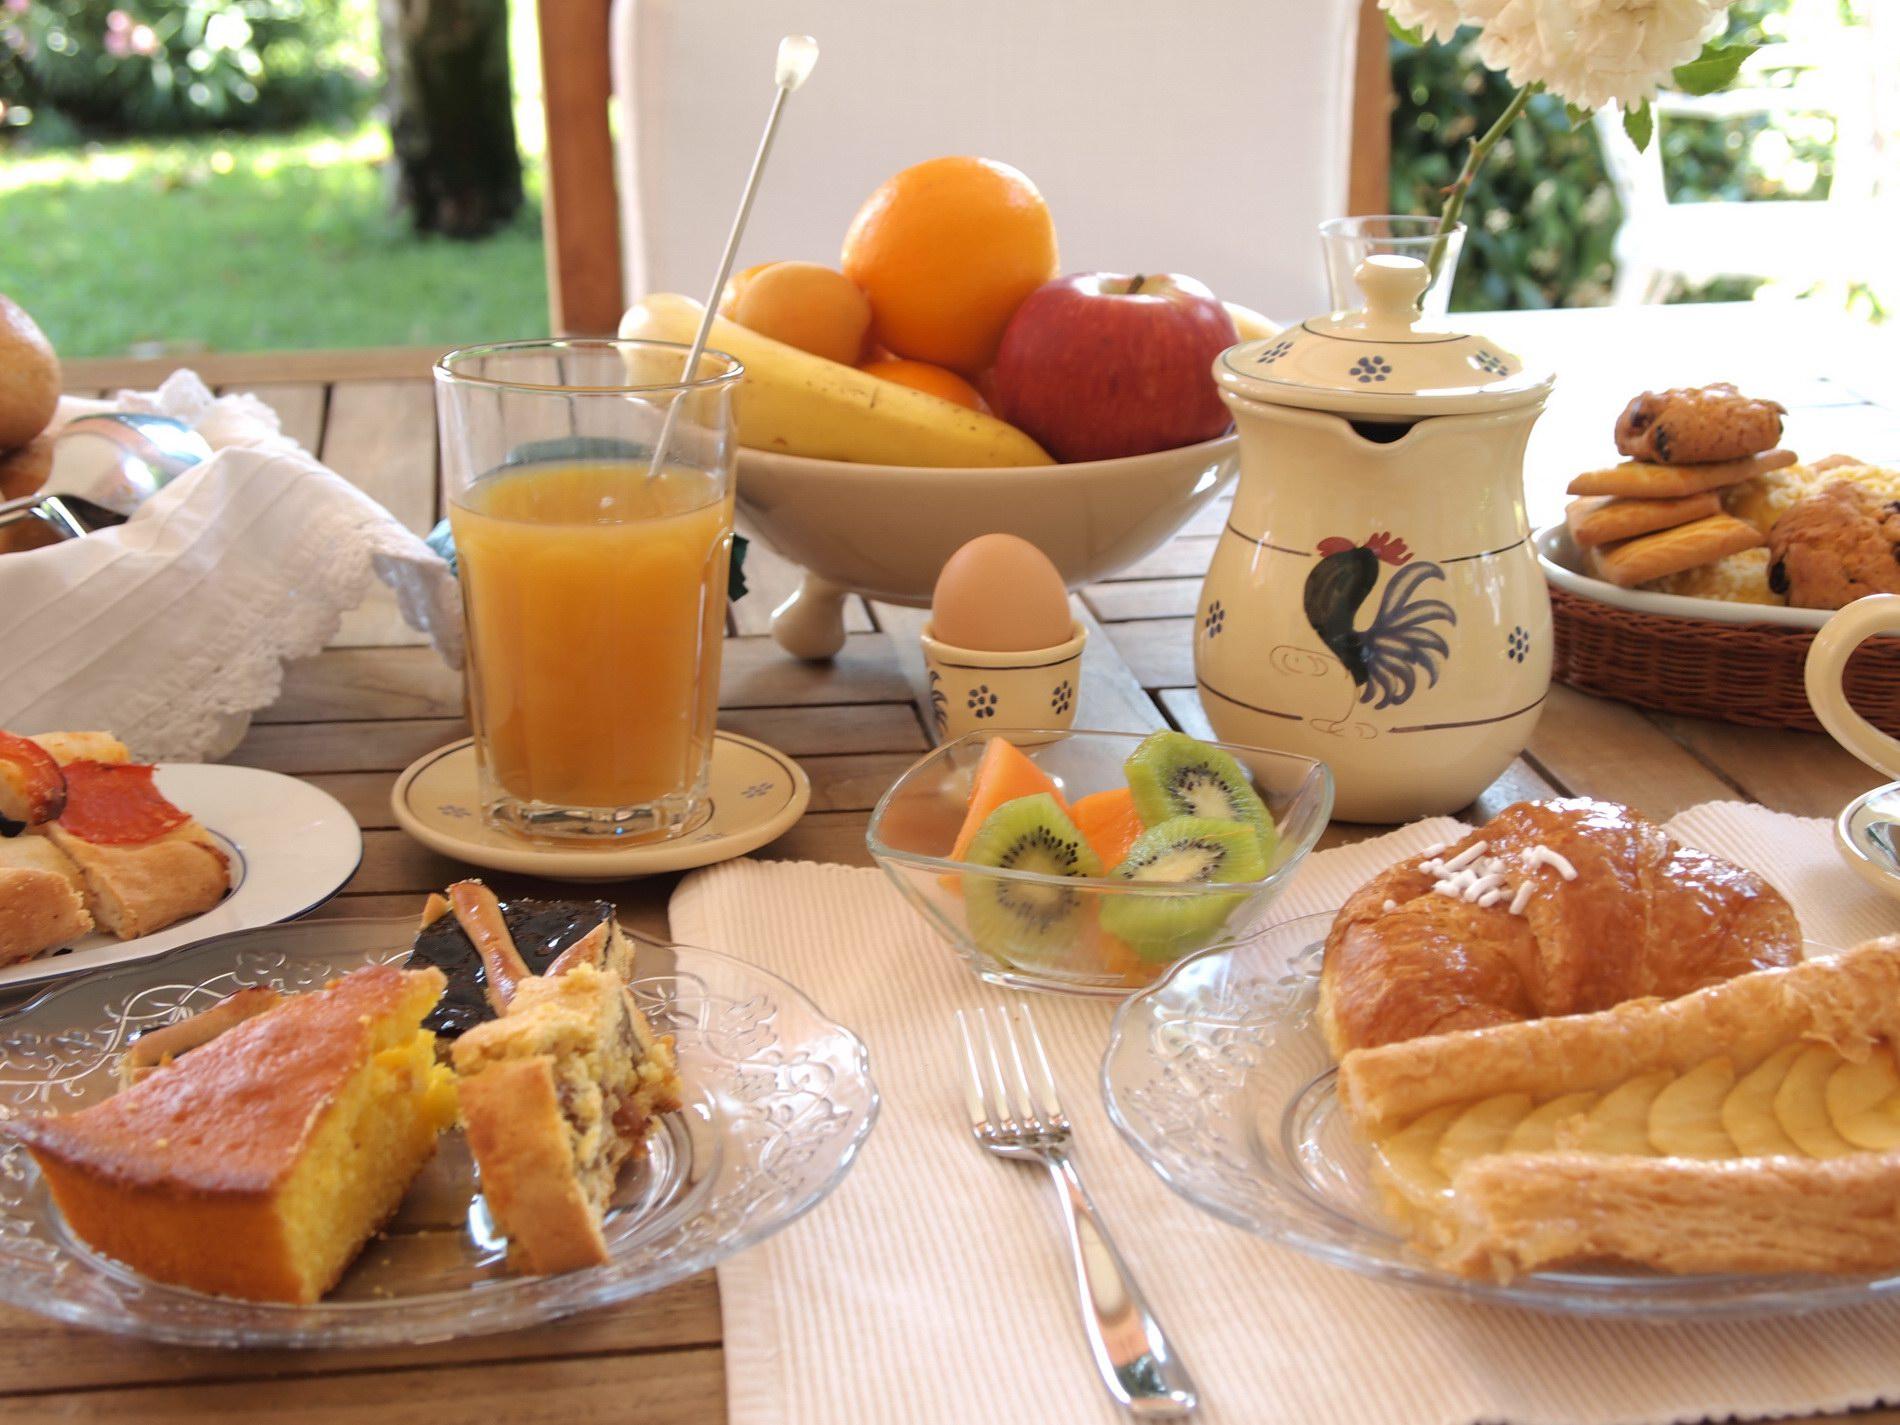 dettaglio della ricca prima colazione del bed and breakfast il casale